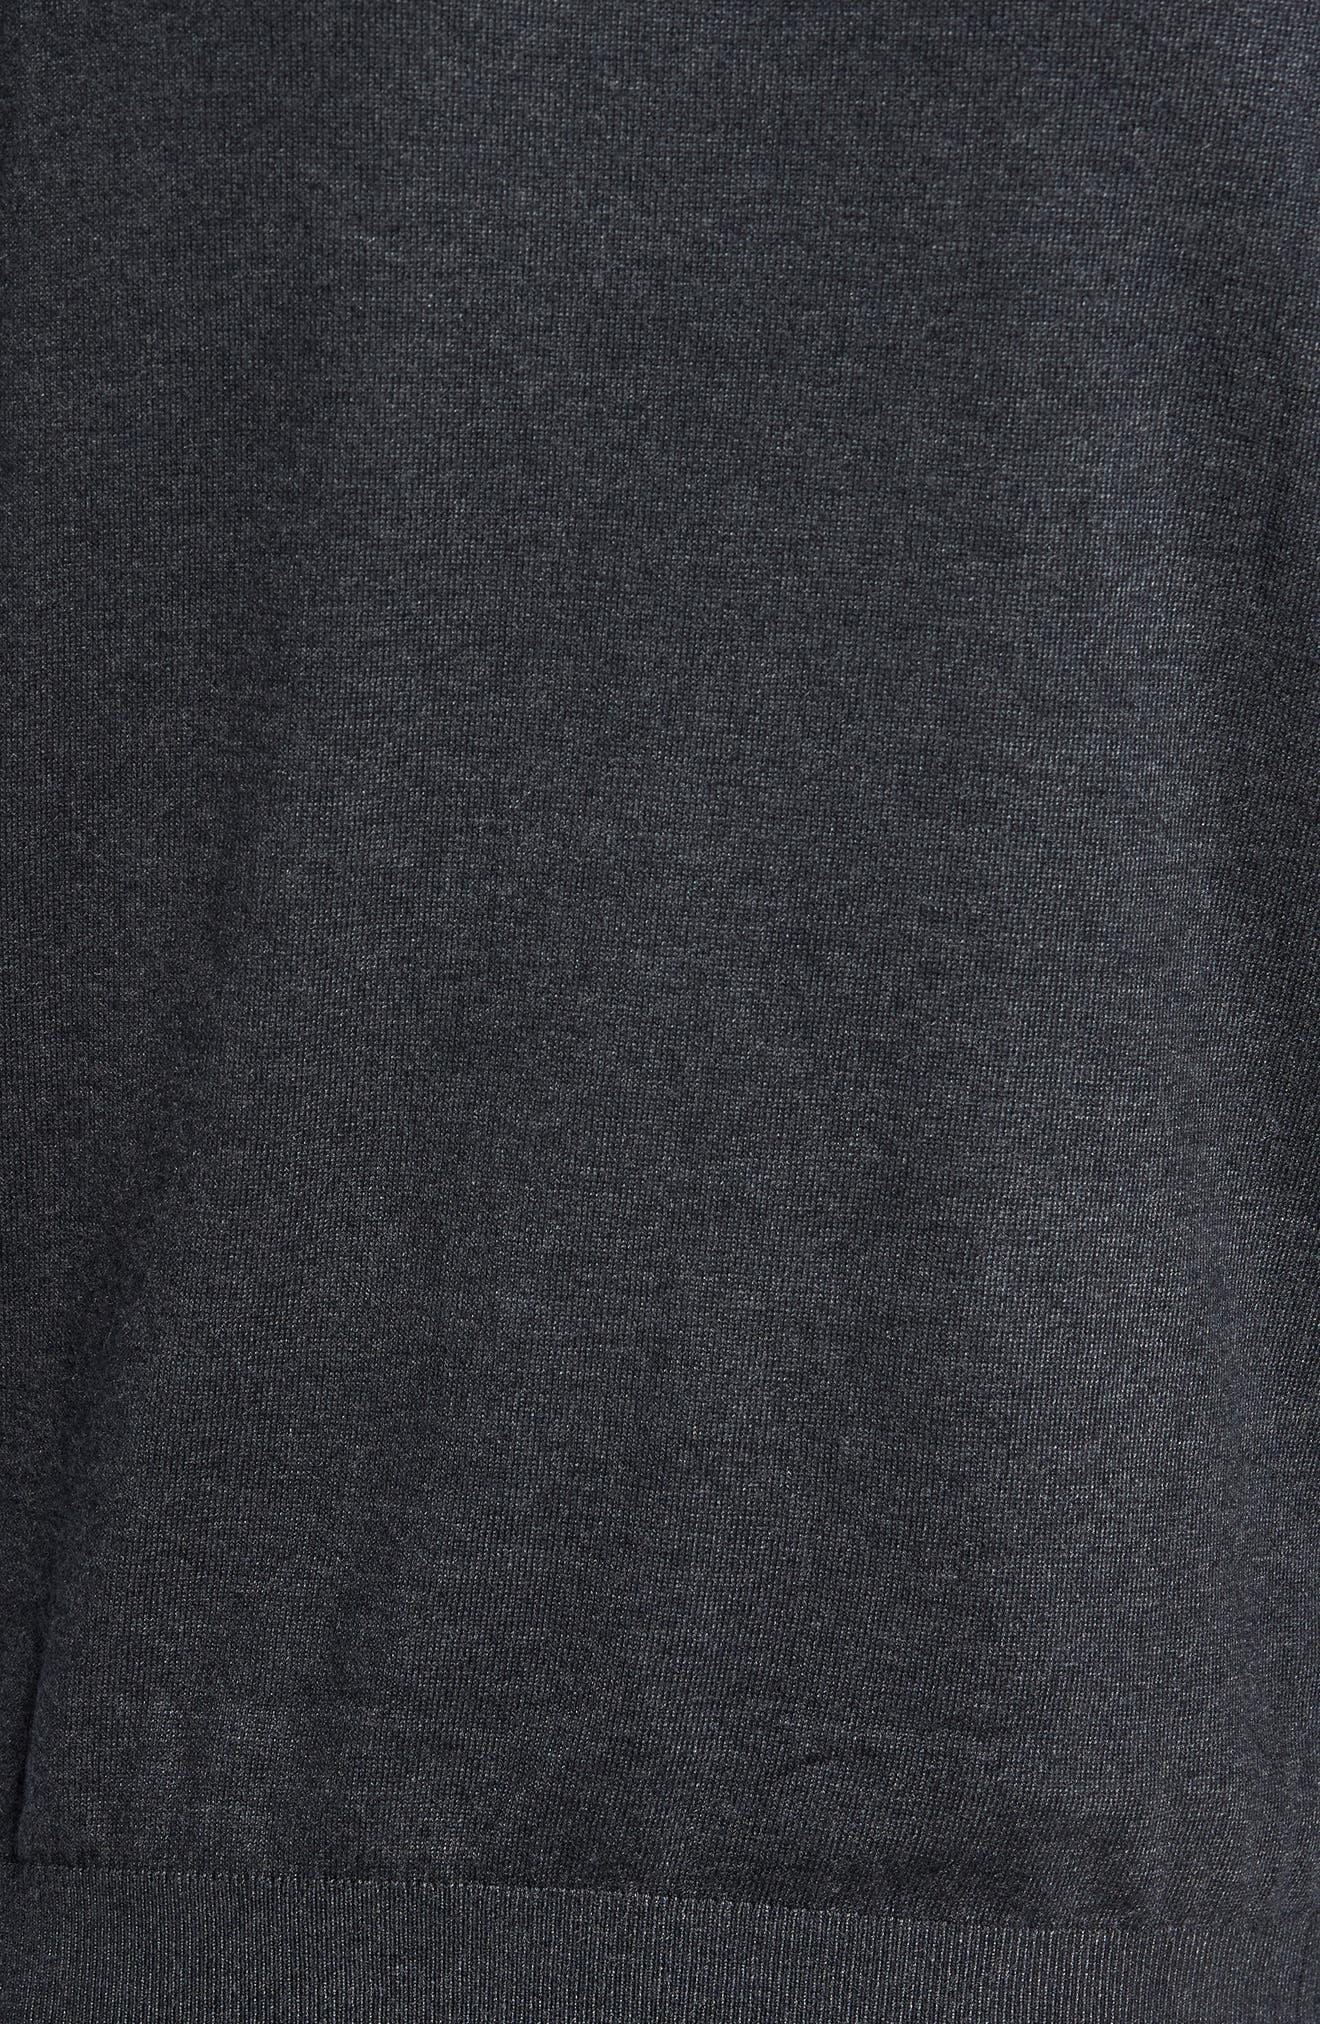 Alternate Image 5  - Ted Baker London Pepmint Herringbone Sleeve Sweatshirt